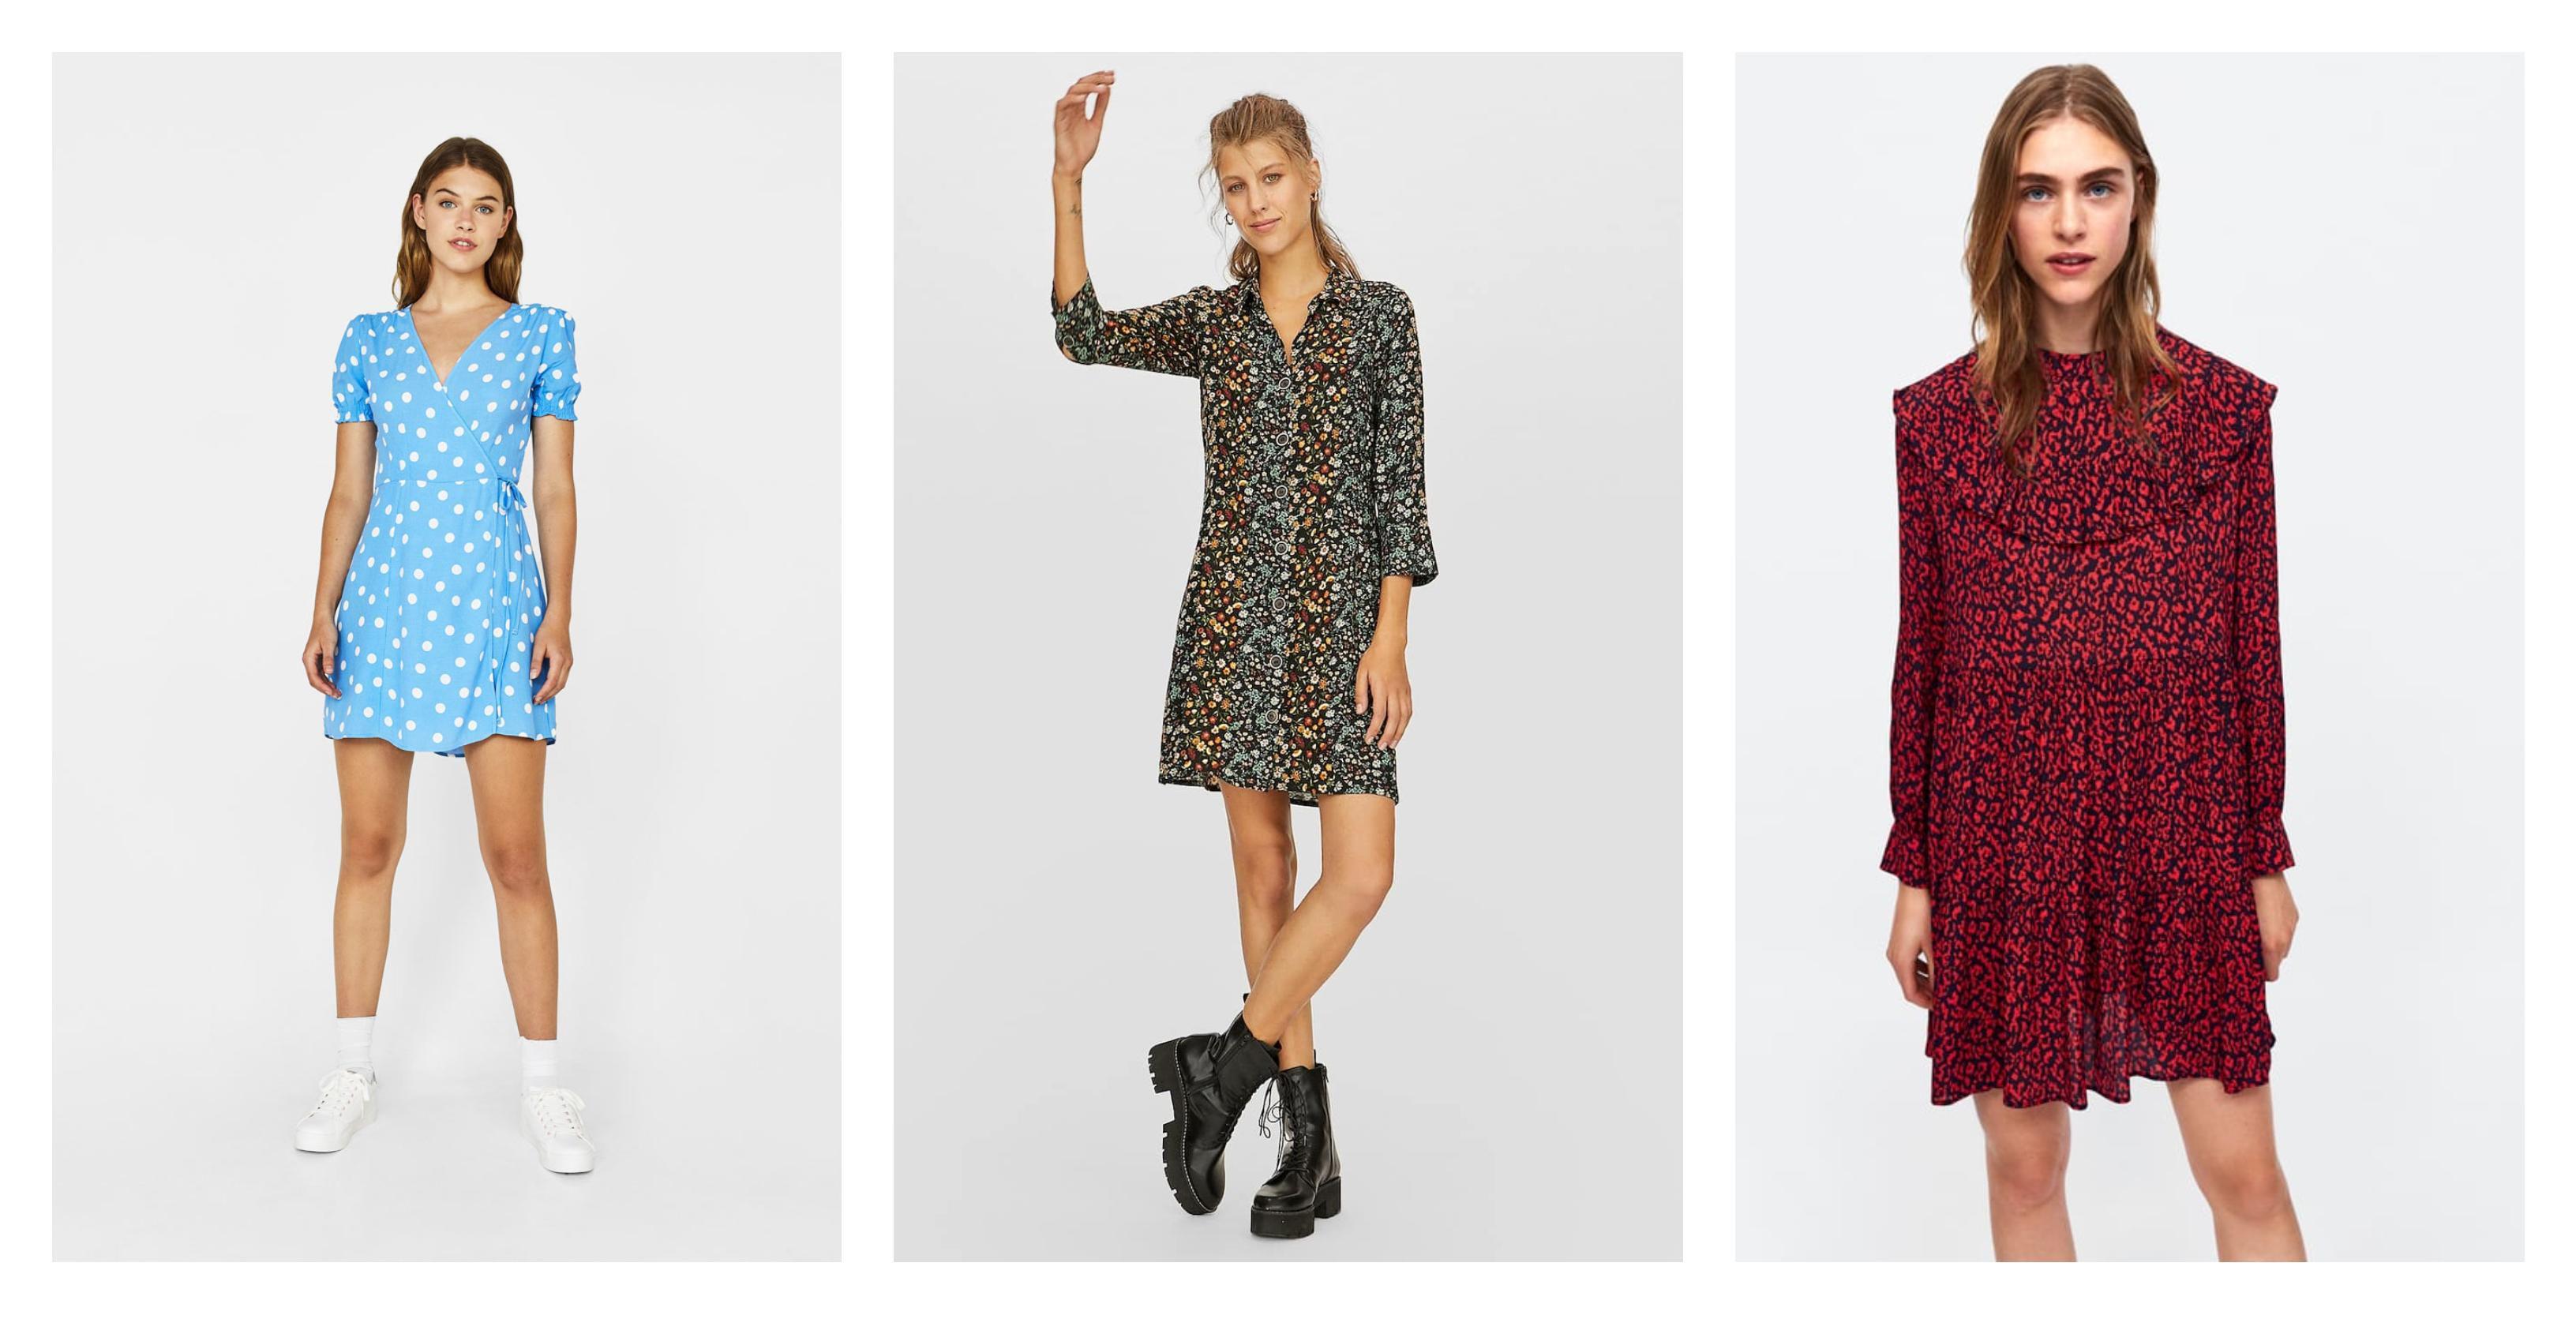 Nose se mini-haljine: Zavirili smo u ponudu high street trgovina i pronašli genijalne modele već od 129 kuna